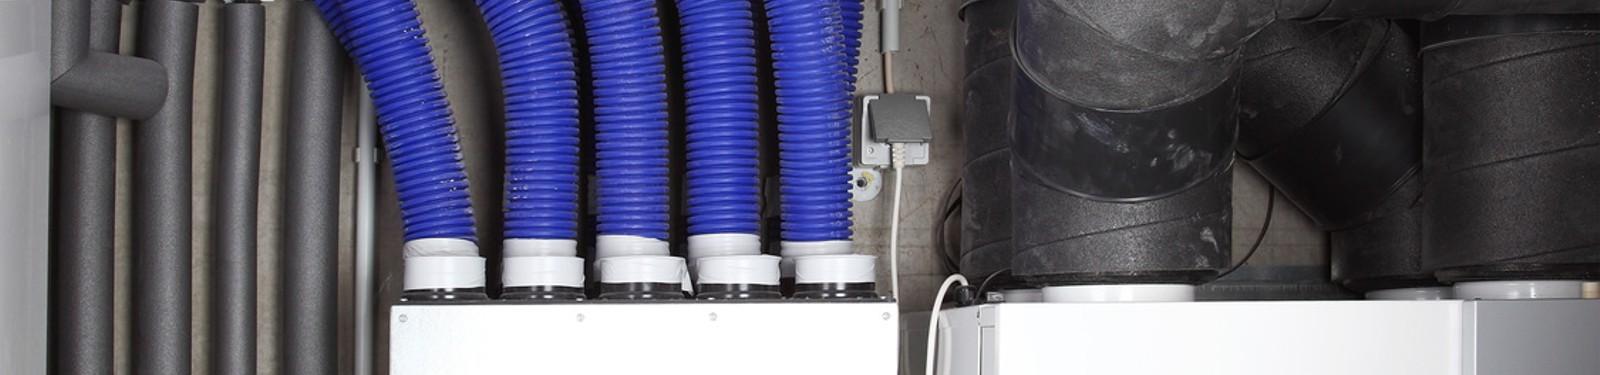 Wohnungslüftungsanlagen VDI 6022 Hygieneinspektion